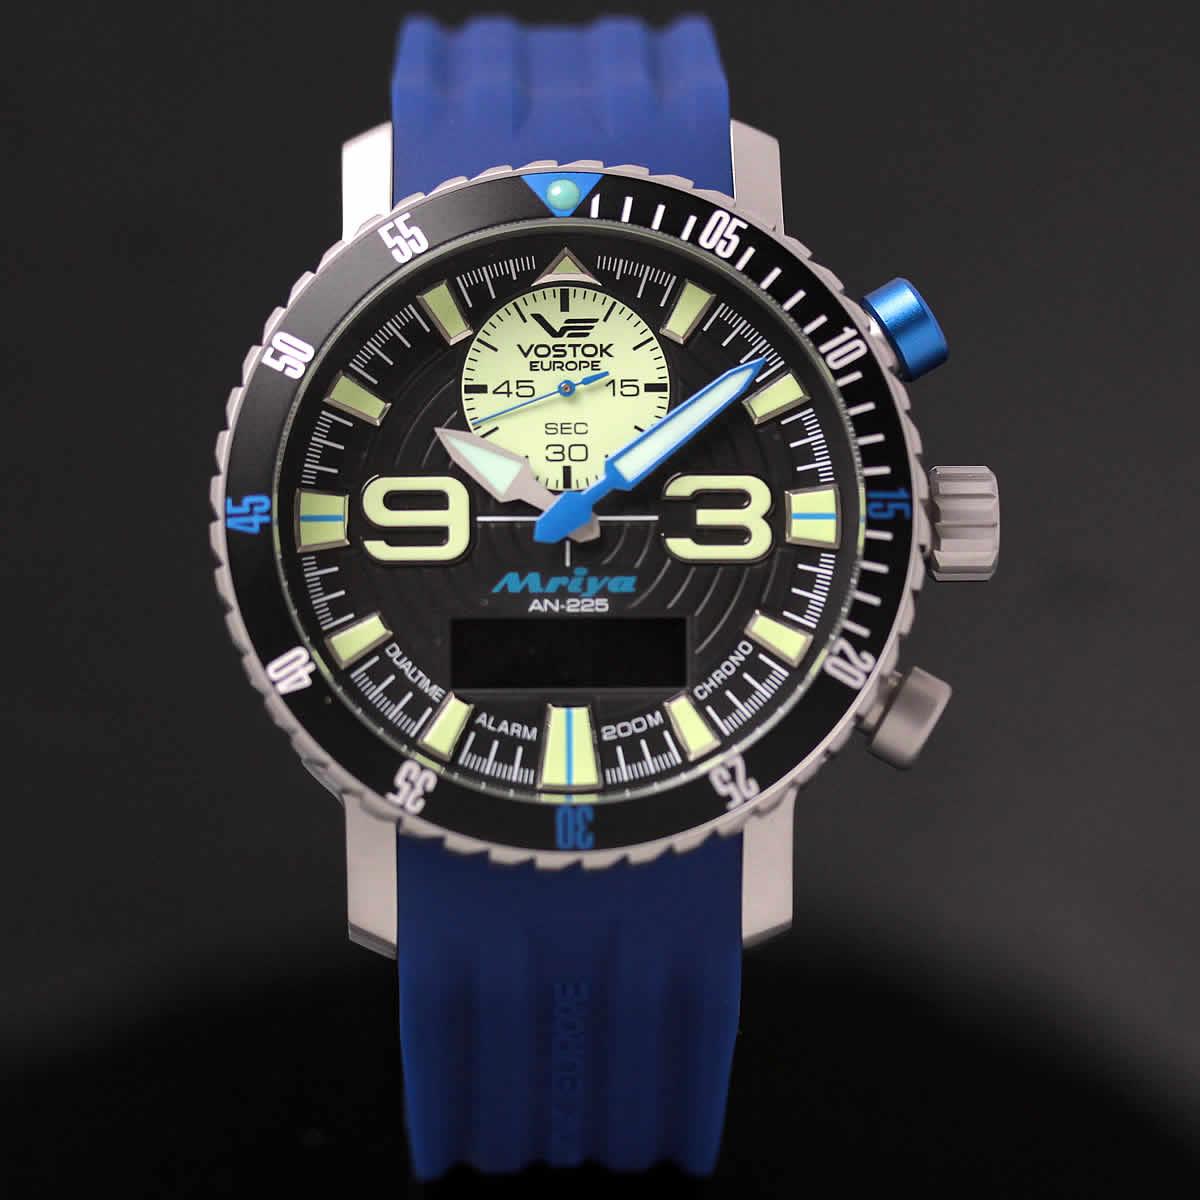 ボストーク ヨーロッパ MRIYA 多機能クォーツ式腕時計 9516-5555249